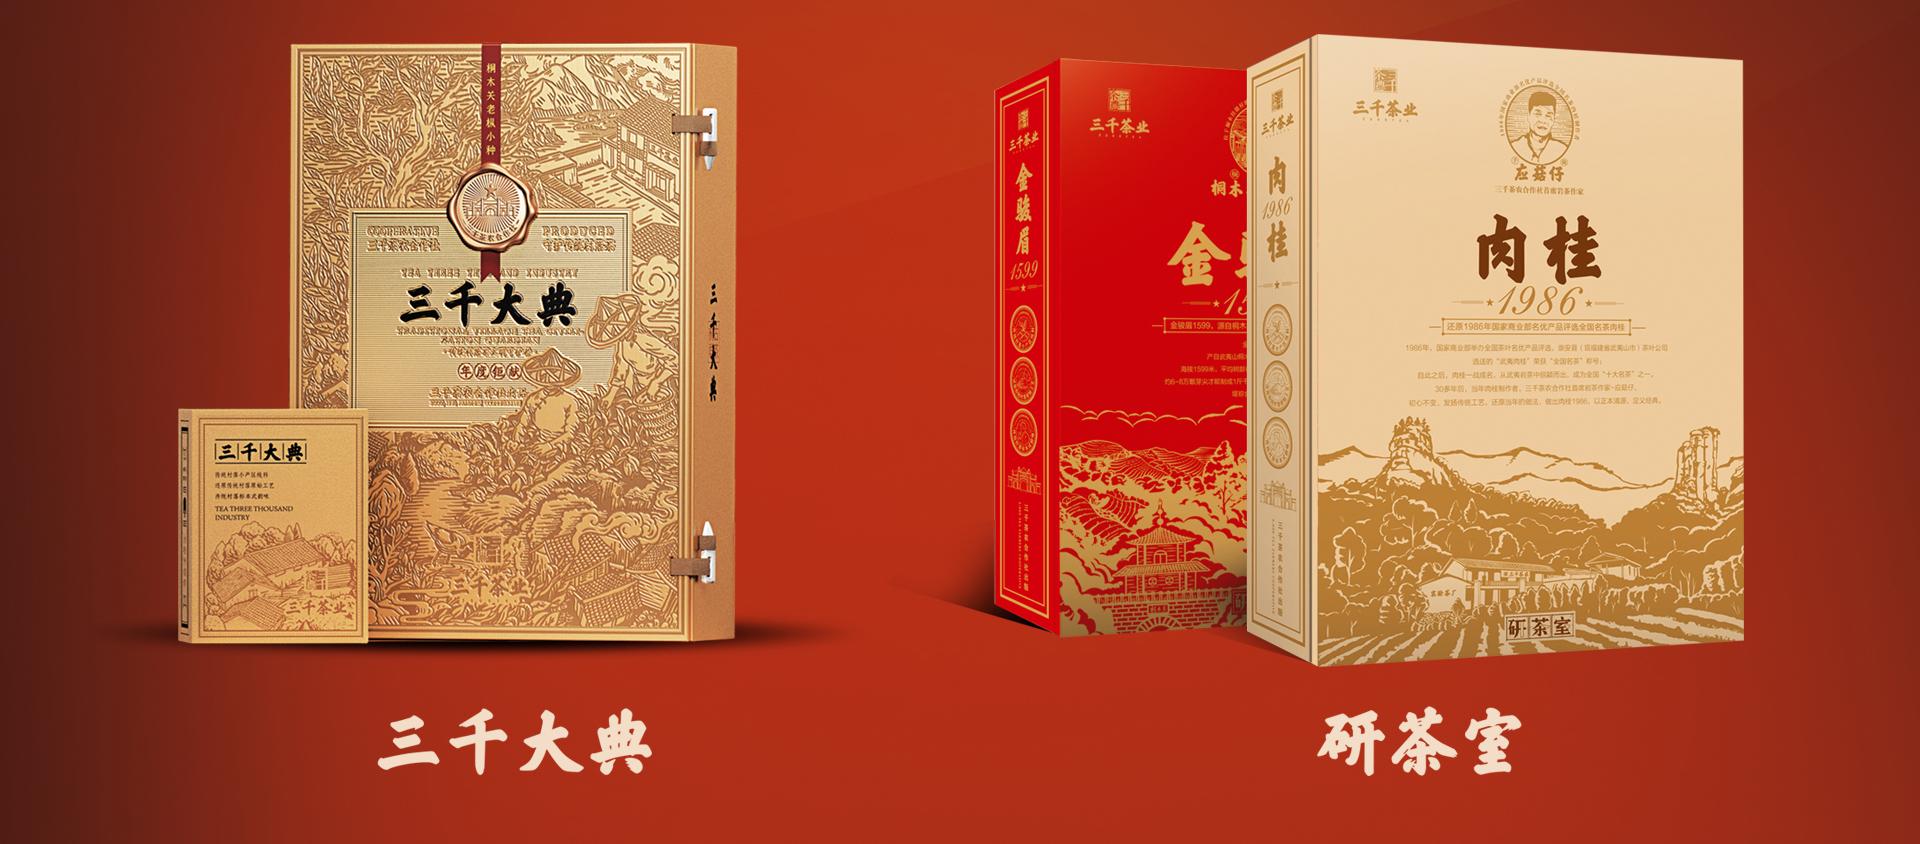 三千茶農sqcn_25